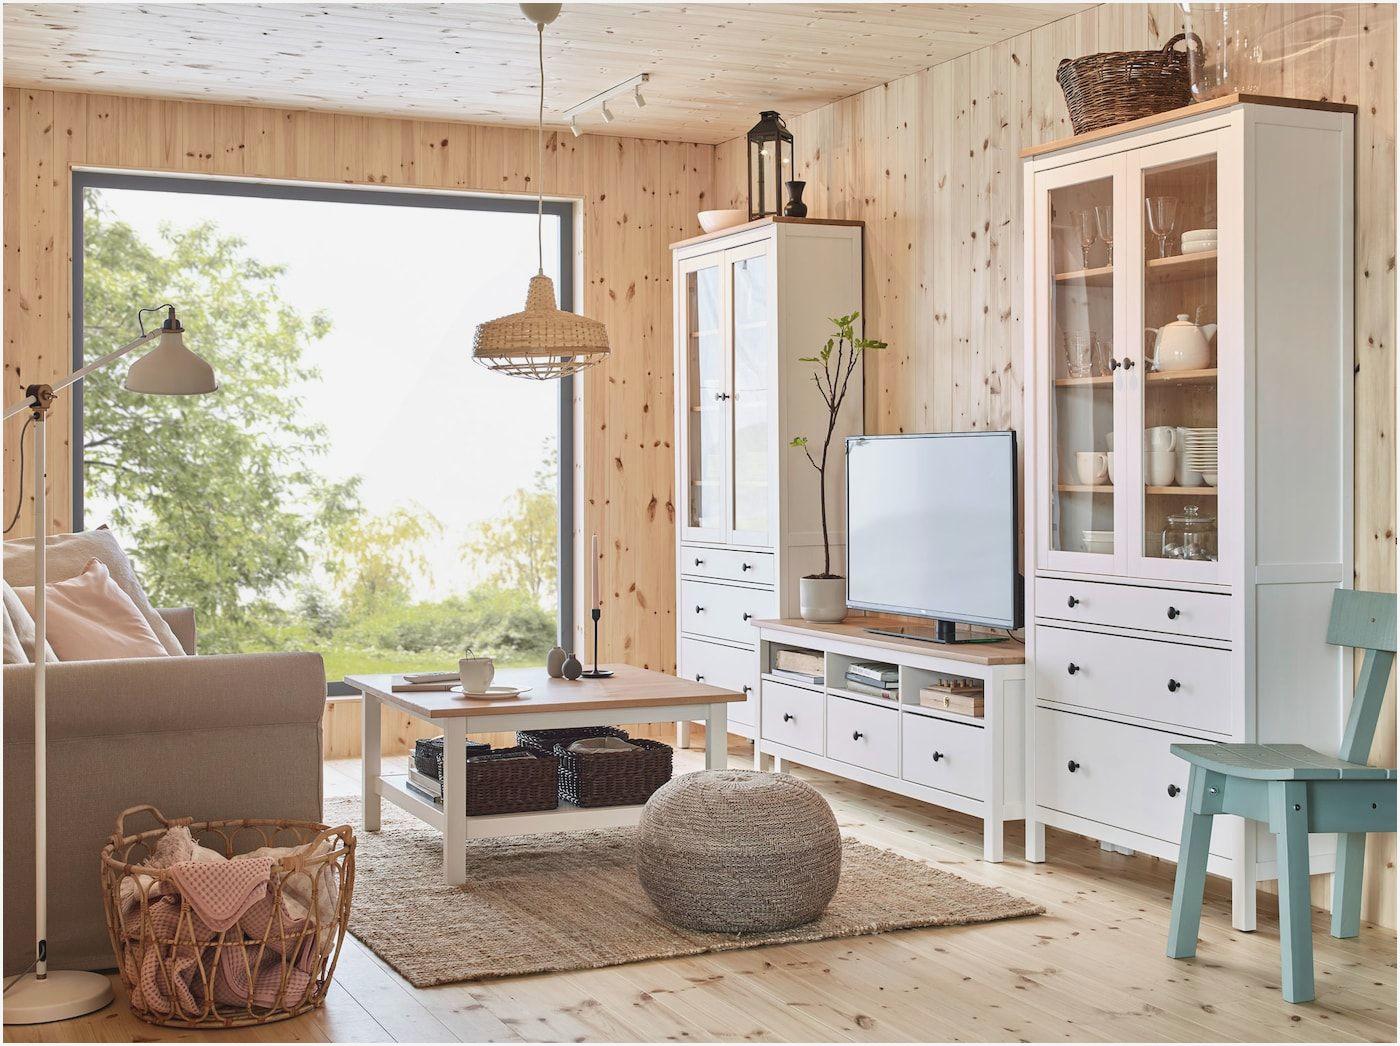 Full Size of Relaxliege Wohnzimmer Ikea Hemnes Weis Traumhaus Dekoration Vitrine Weiß Deckenstrahler Deckenlampen Modern Led Deckenleuchte Schrankwand Vinylboden Wohnzimmer Relaxliege Wohnzimmer Ikea